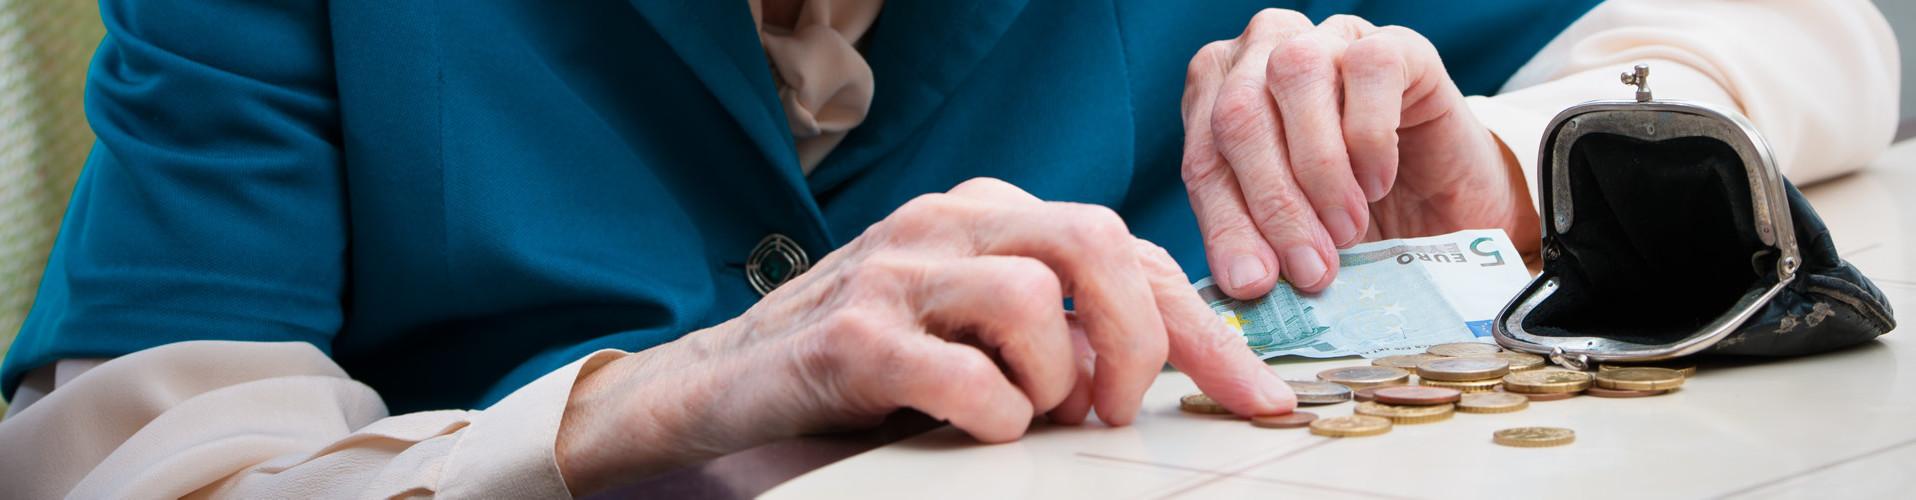 Man sieht die Hände einer älteren Frau, die Kleingeld aus einer Geldbörse zählt © Alexander Raths, stock.adobe.com